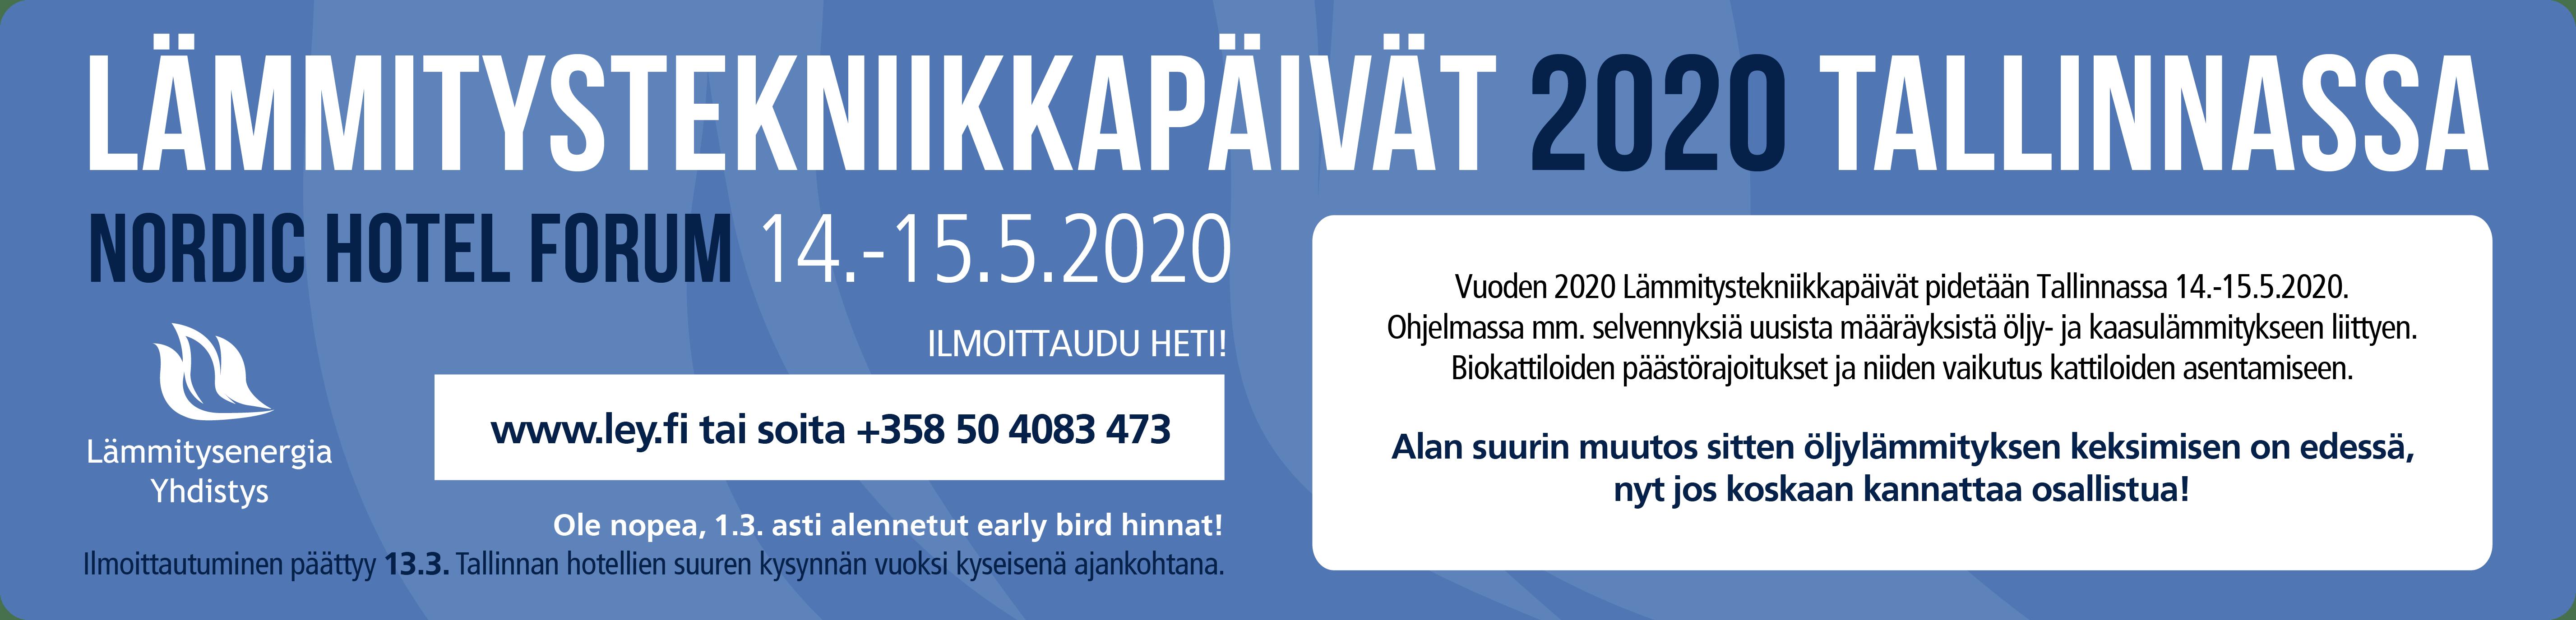 le-lammitystekniikkapaivat-2020-002-01